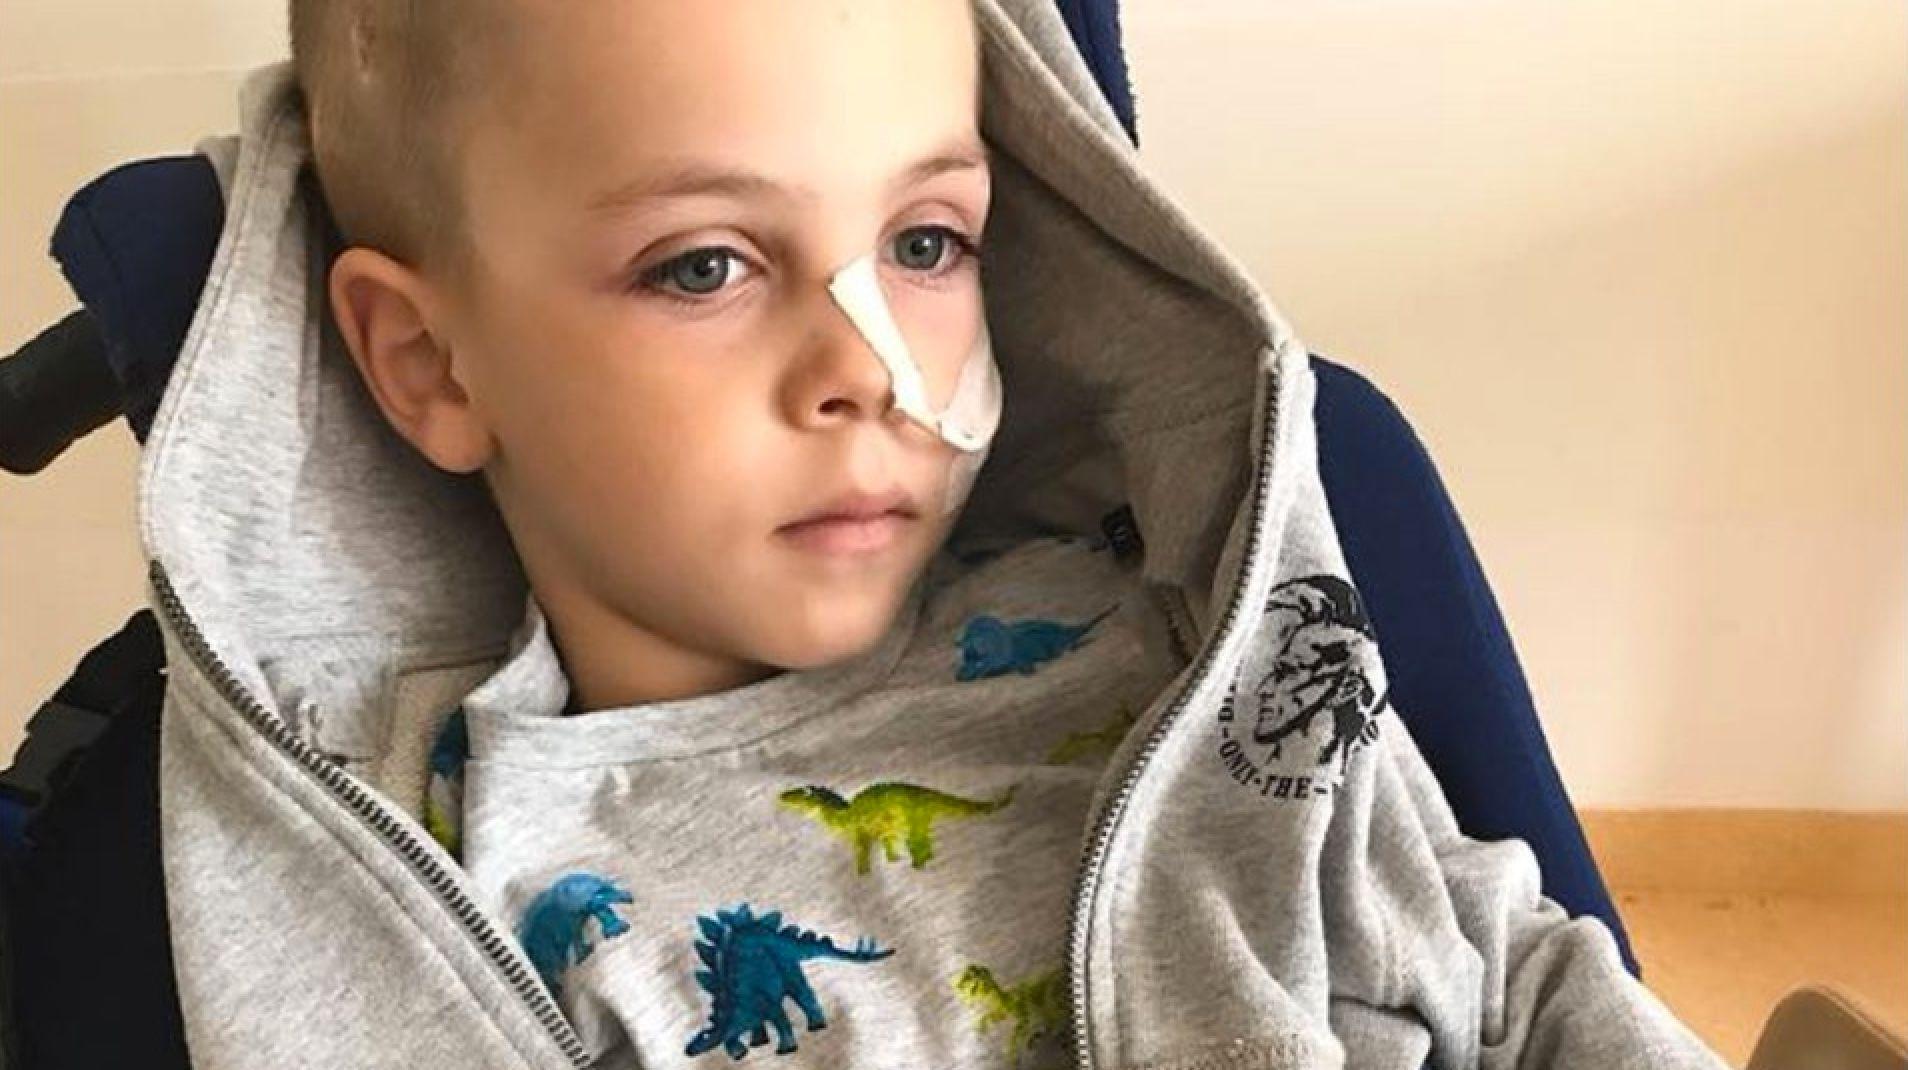 Familie will ihren todkranken Sohn nach Hause holen und braucht unsere Hilfe